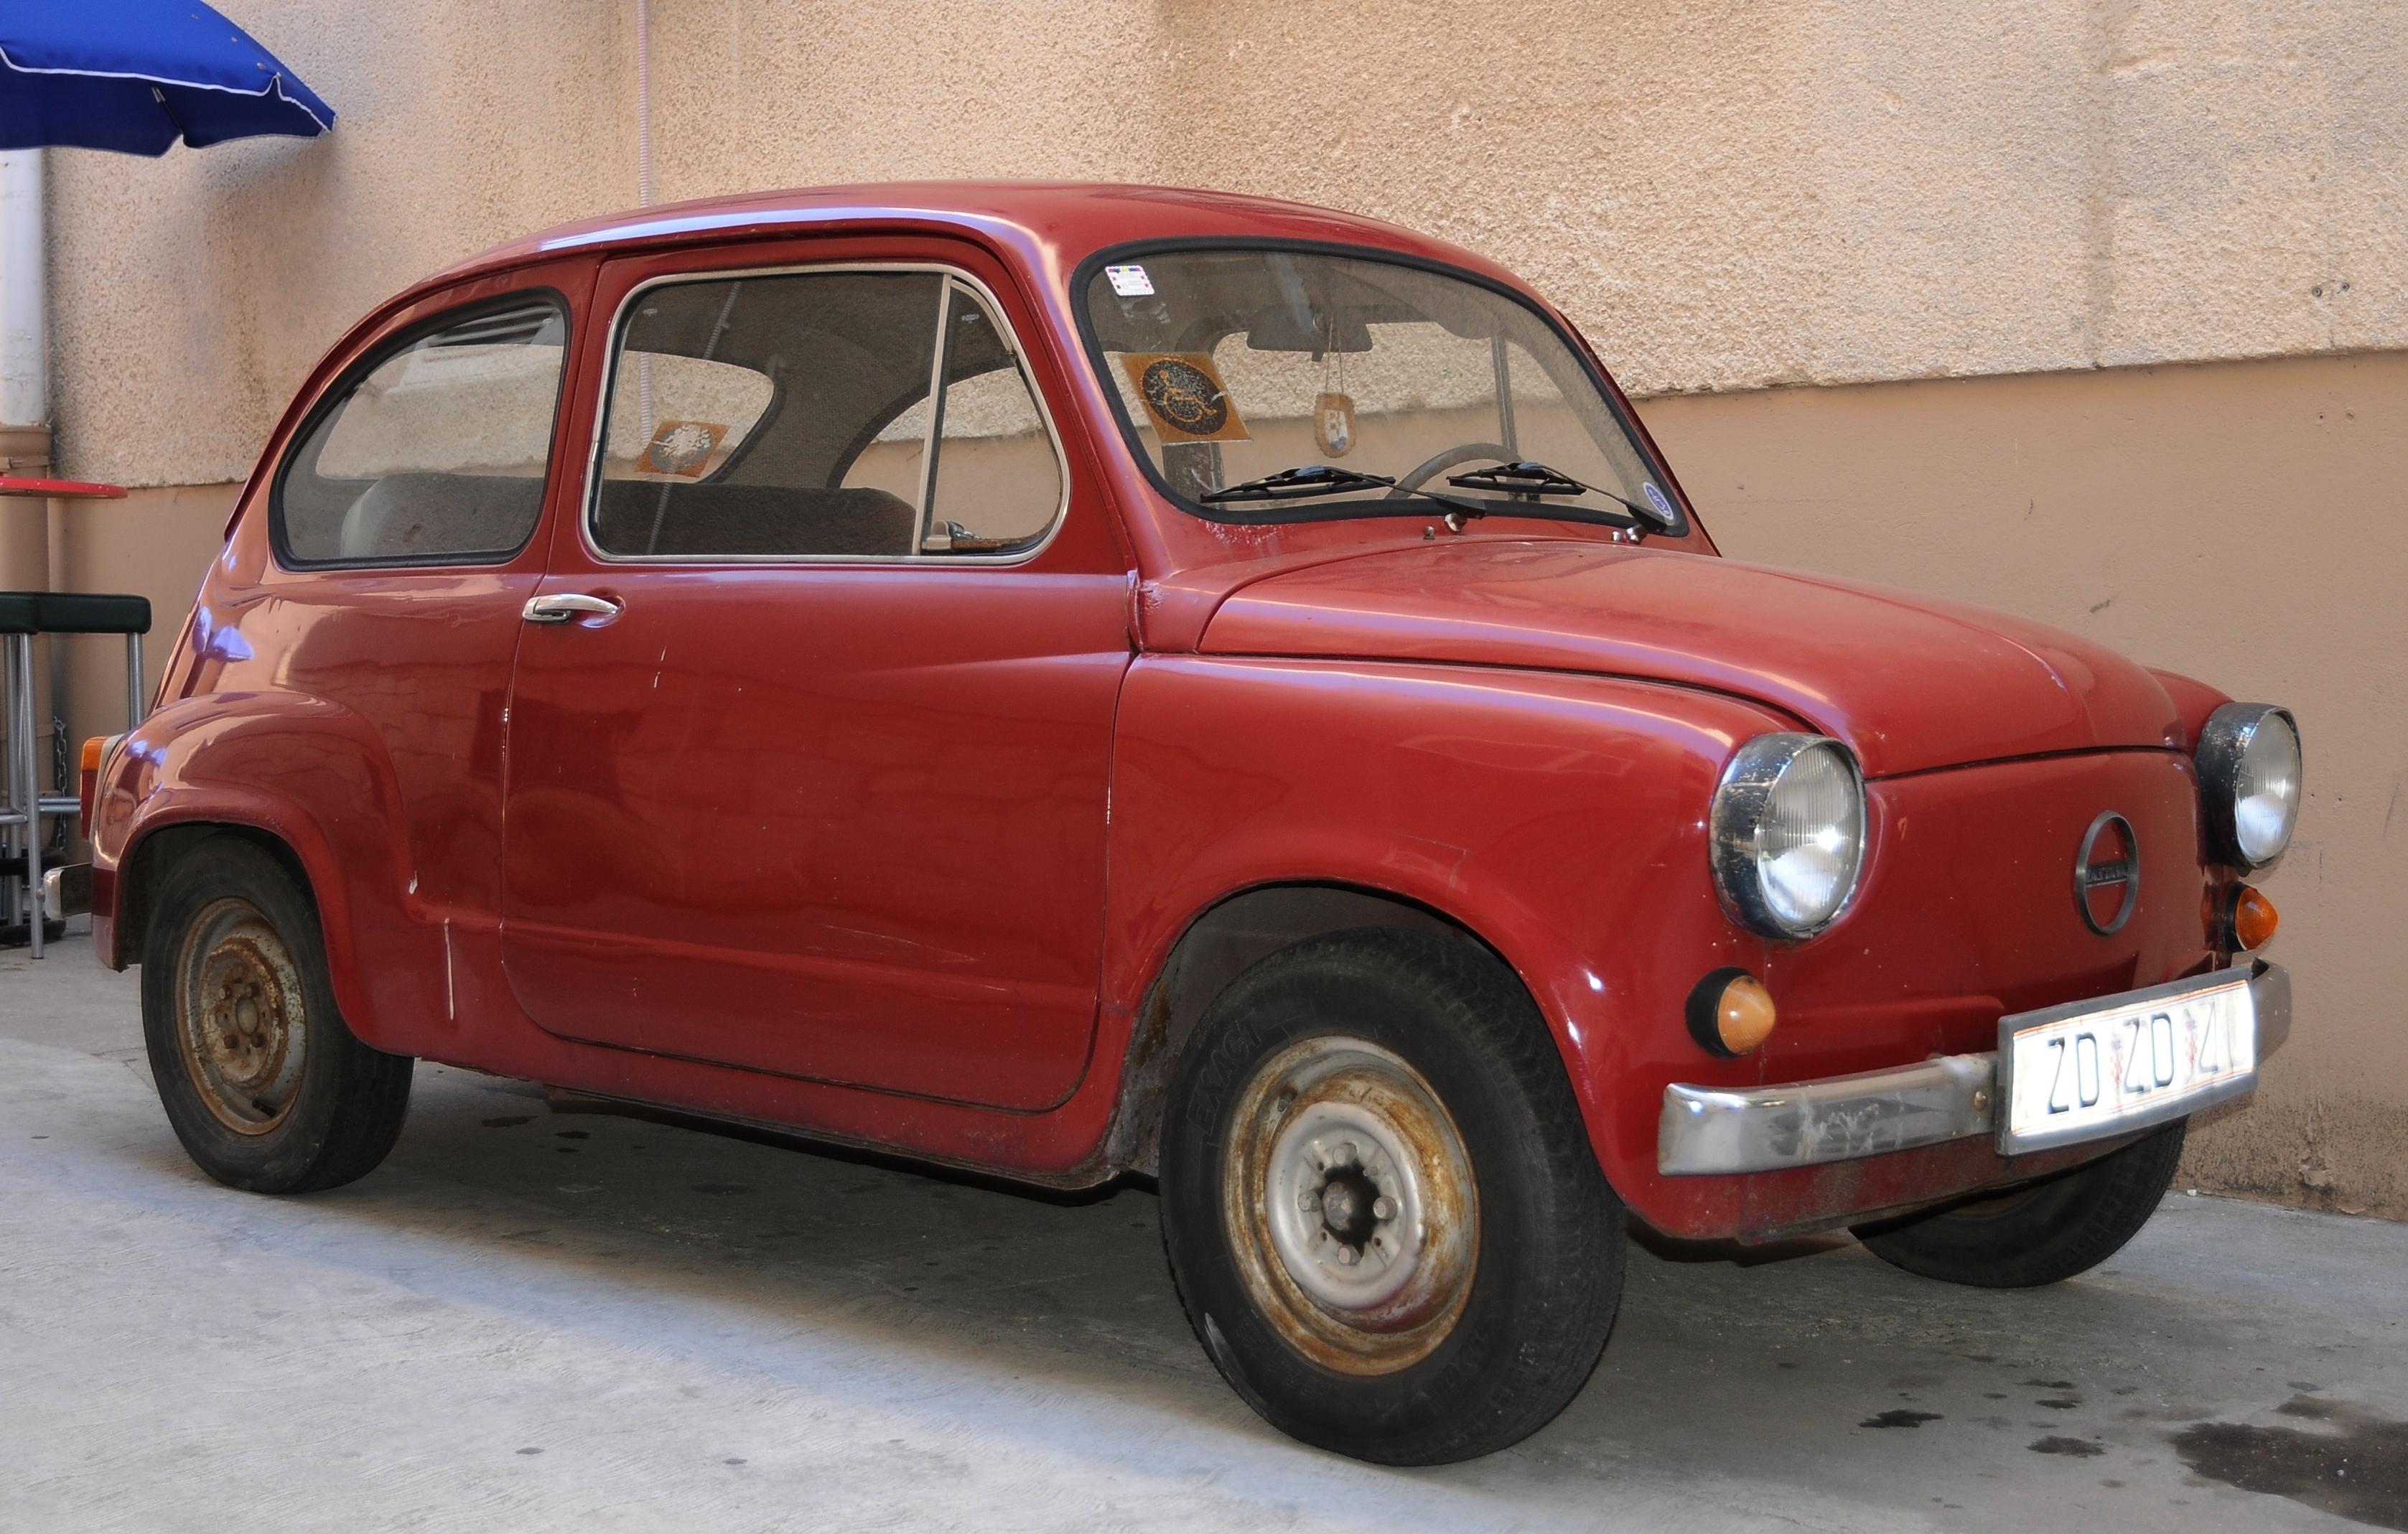 File:Zastava 850, Fiat 600 Lizenbau 1.JPG - Wikimedia Commons